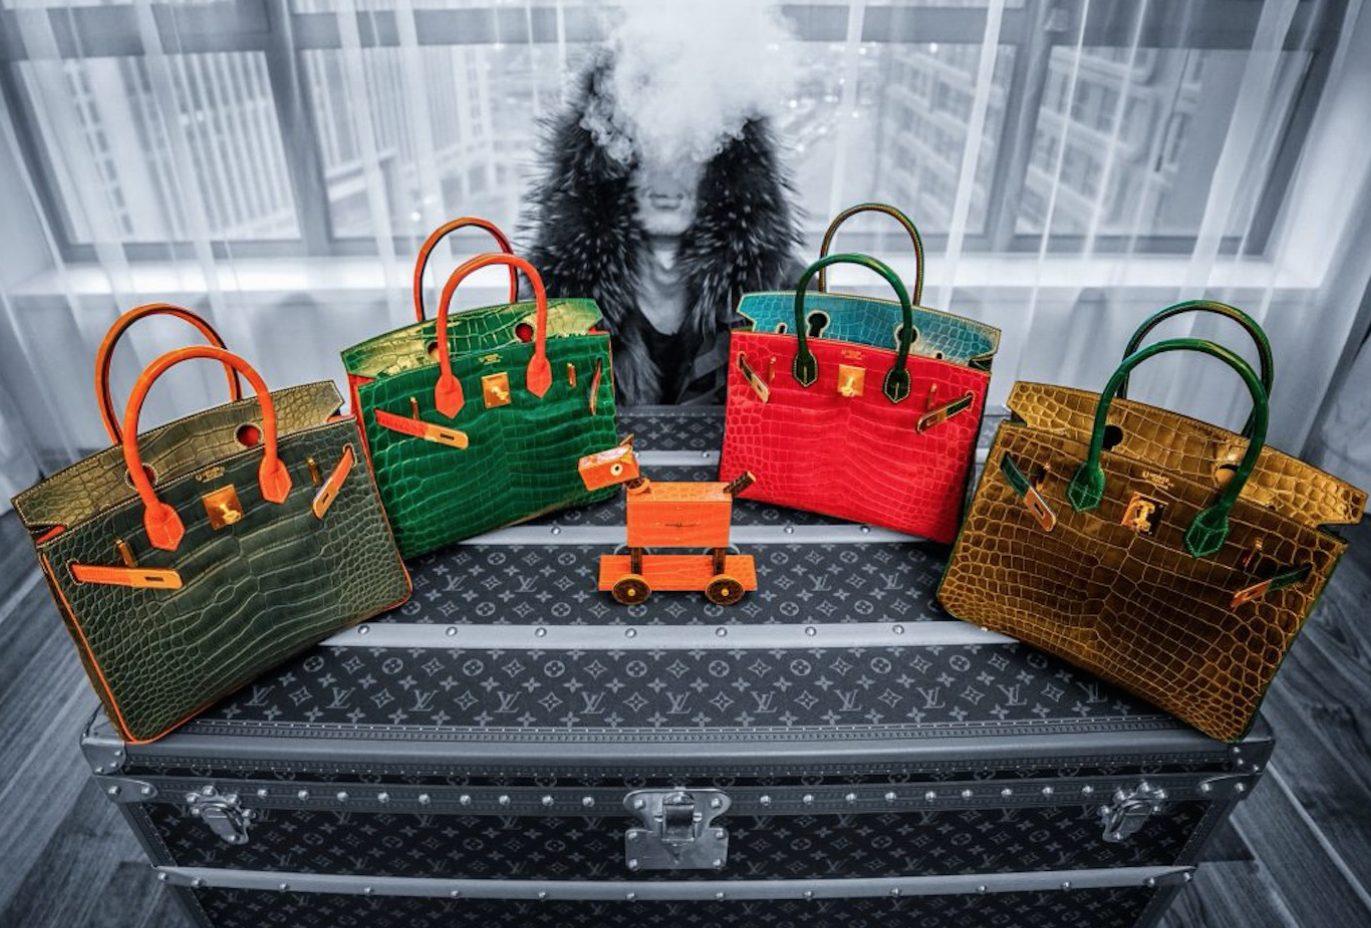 《华丽志》独家特别报道:带着16只爱马仕包袋到佳士得拍卖是怎样一种体验?